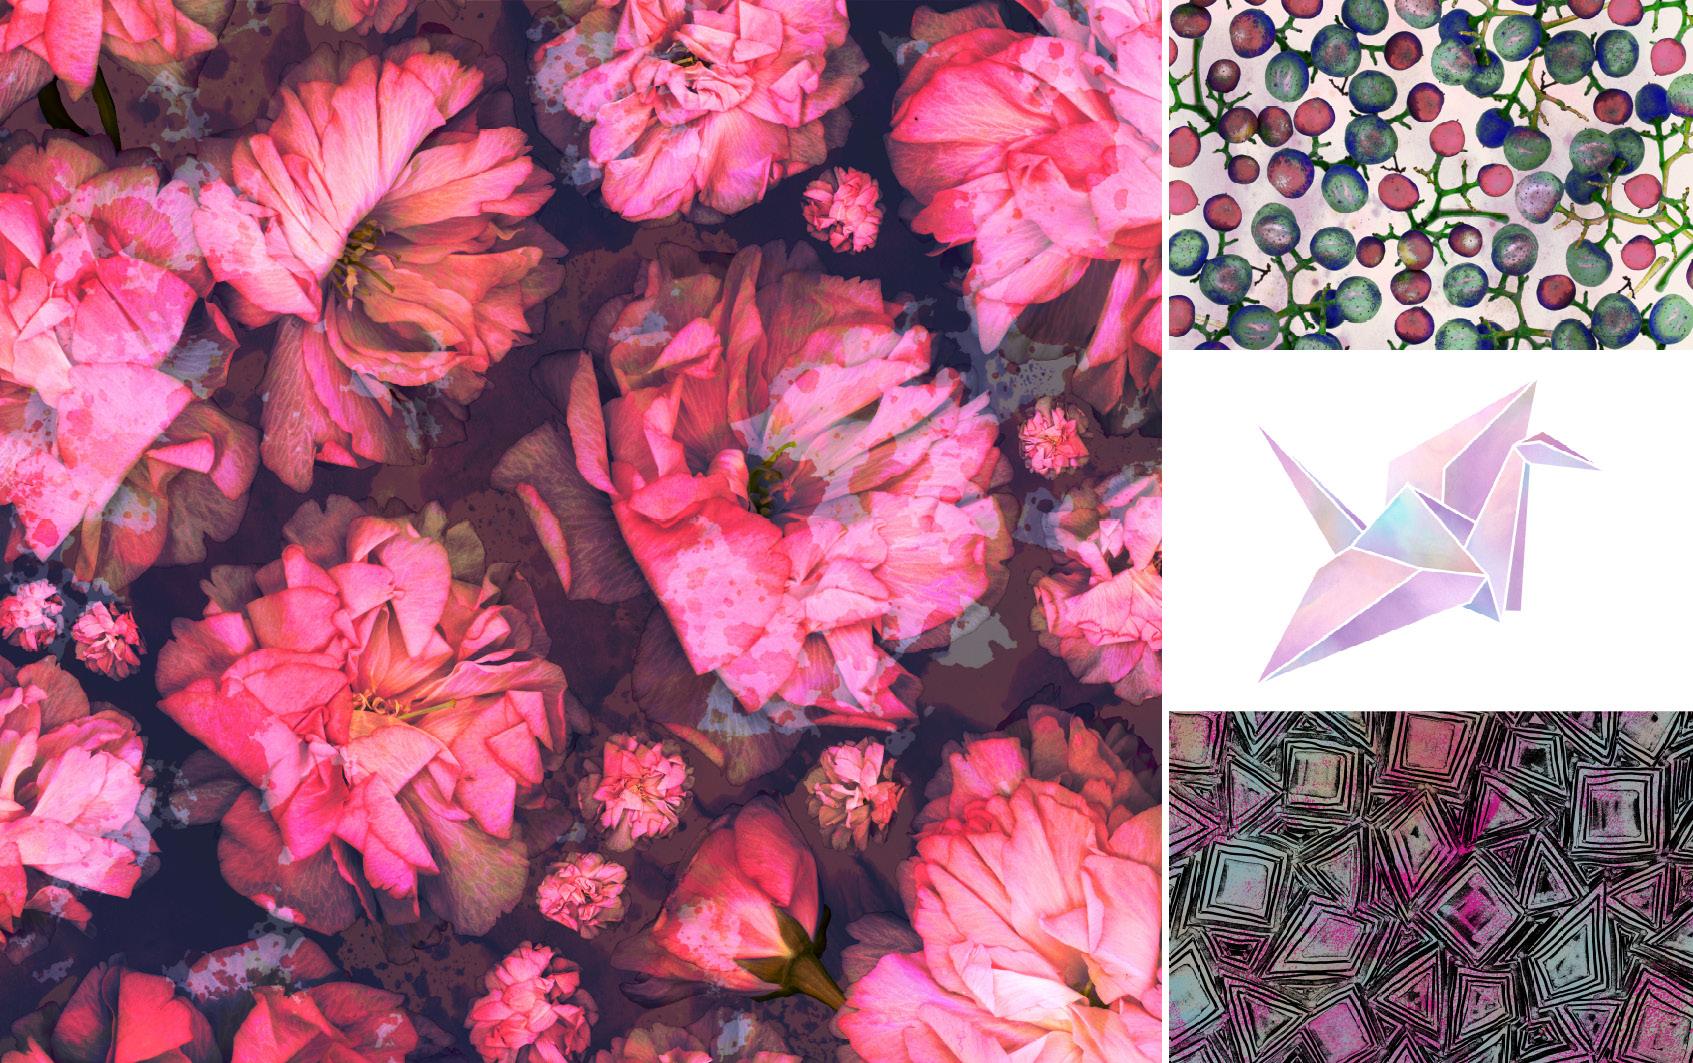 SusanneKasielke-collections-077.jpg